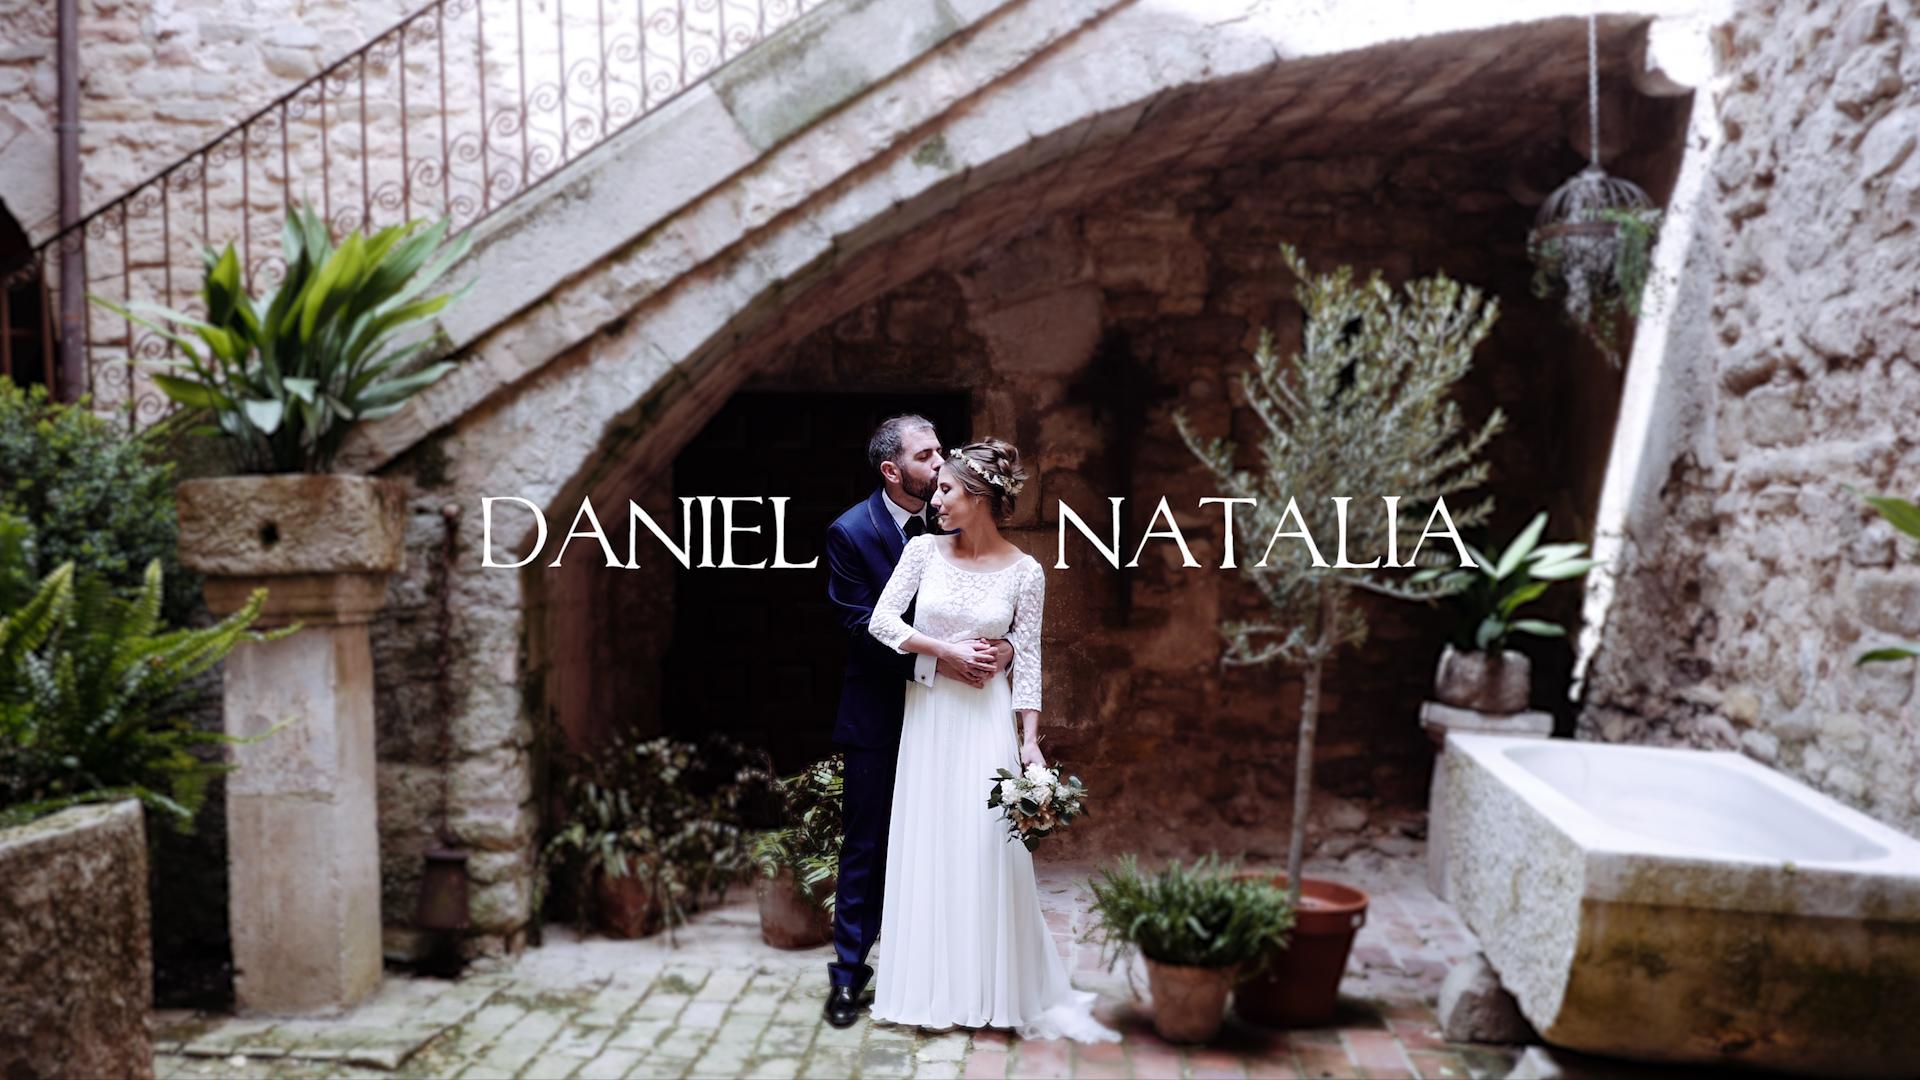 Daniel + Natalia | Barcelona, Spain | Castle